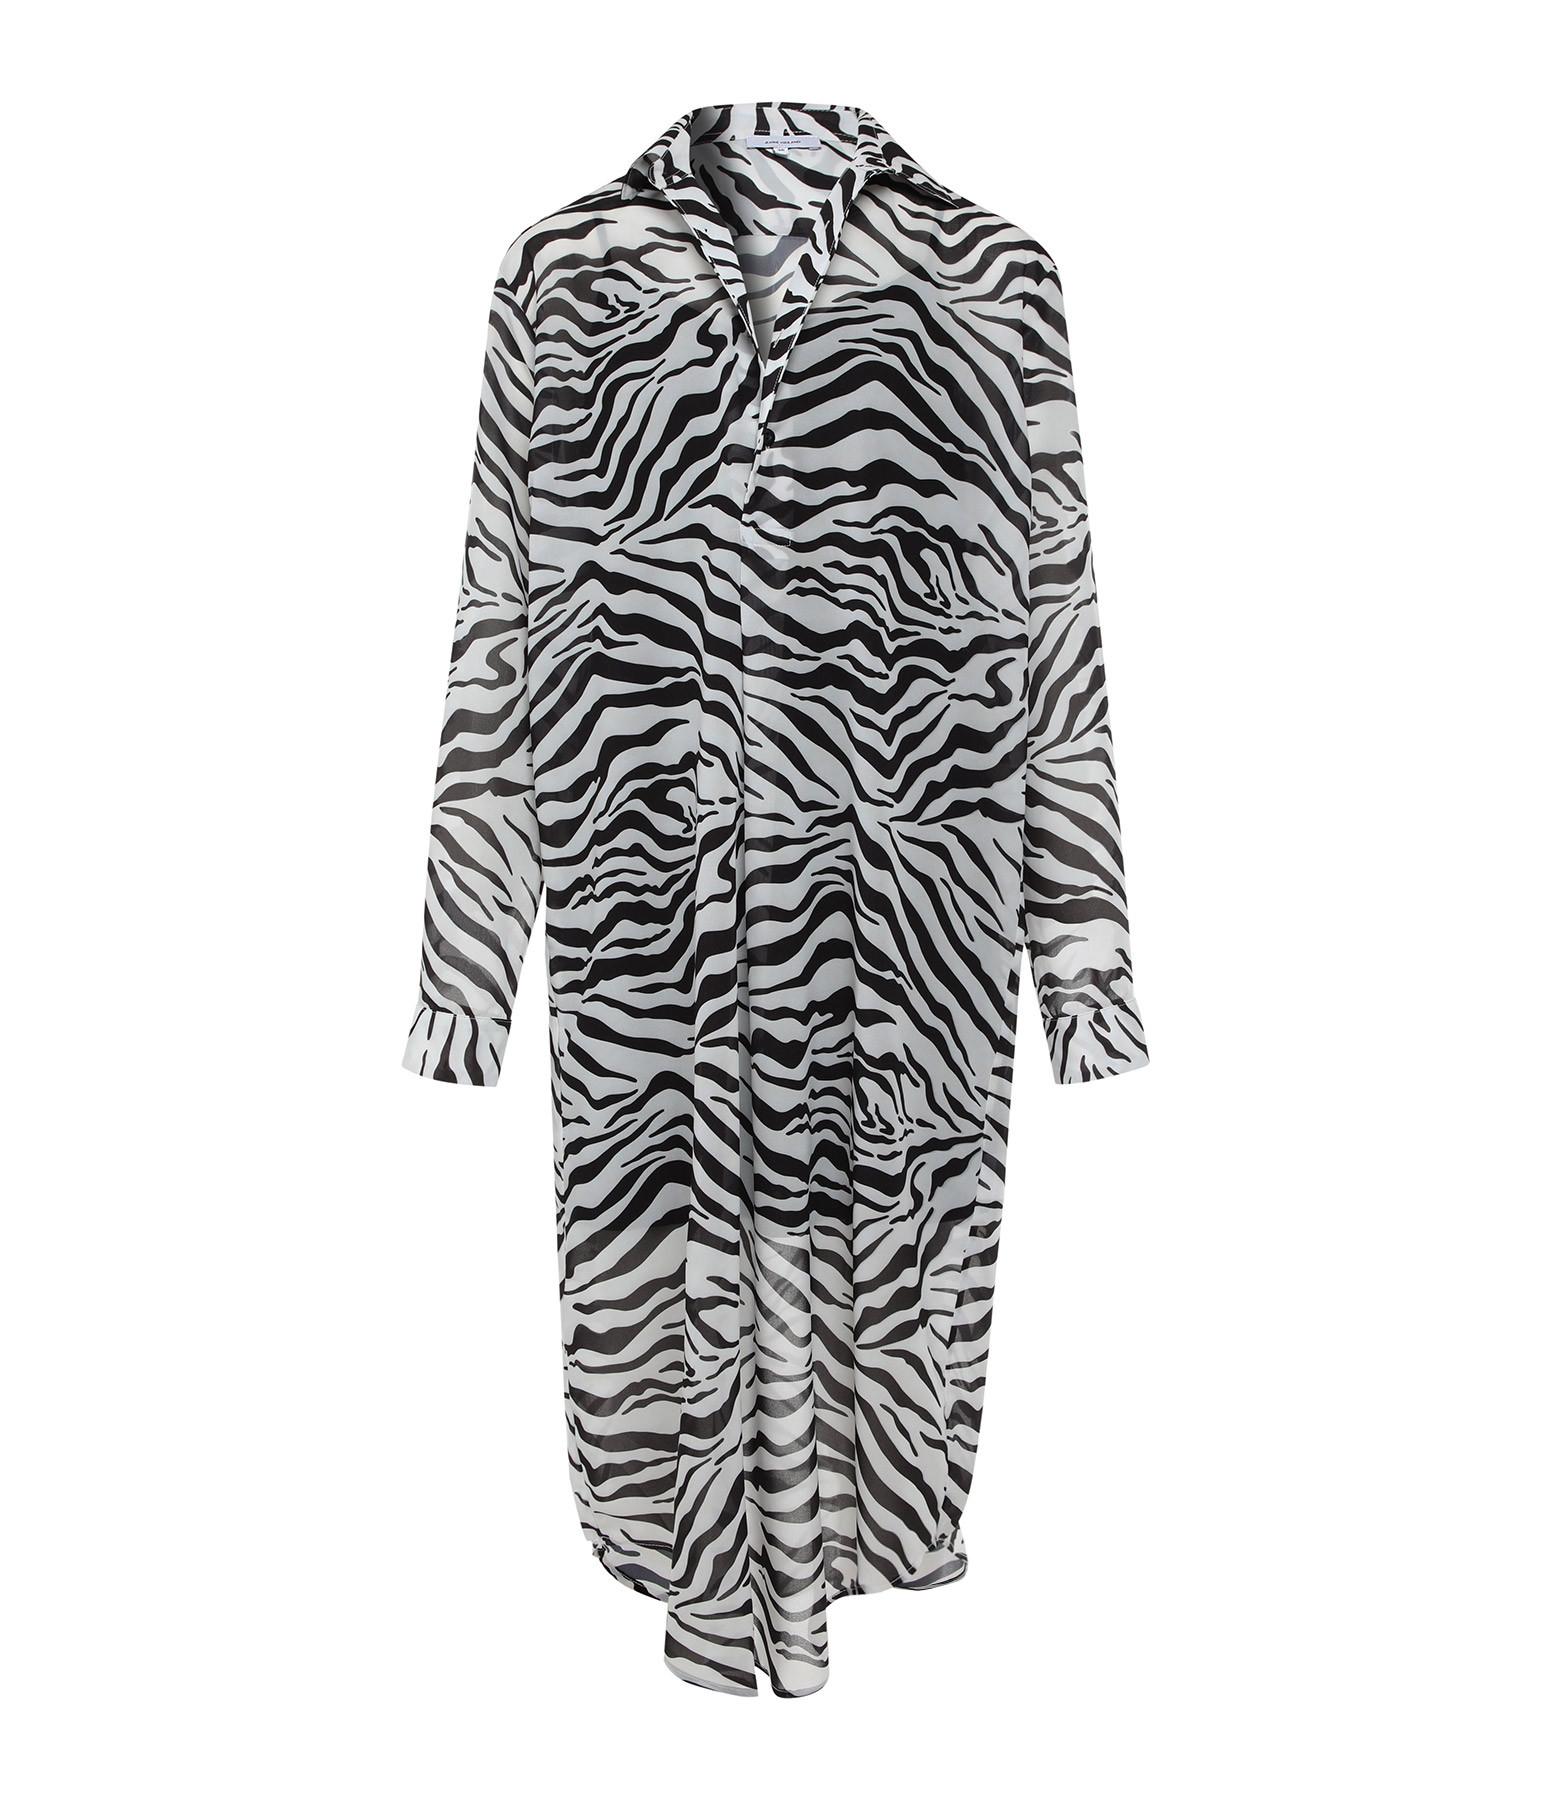 JEANNE VOULAND - Robe Elona Voile Zèbre Noir Blanc